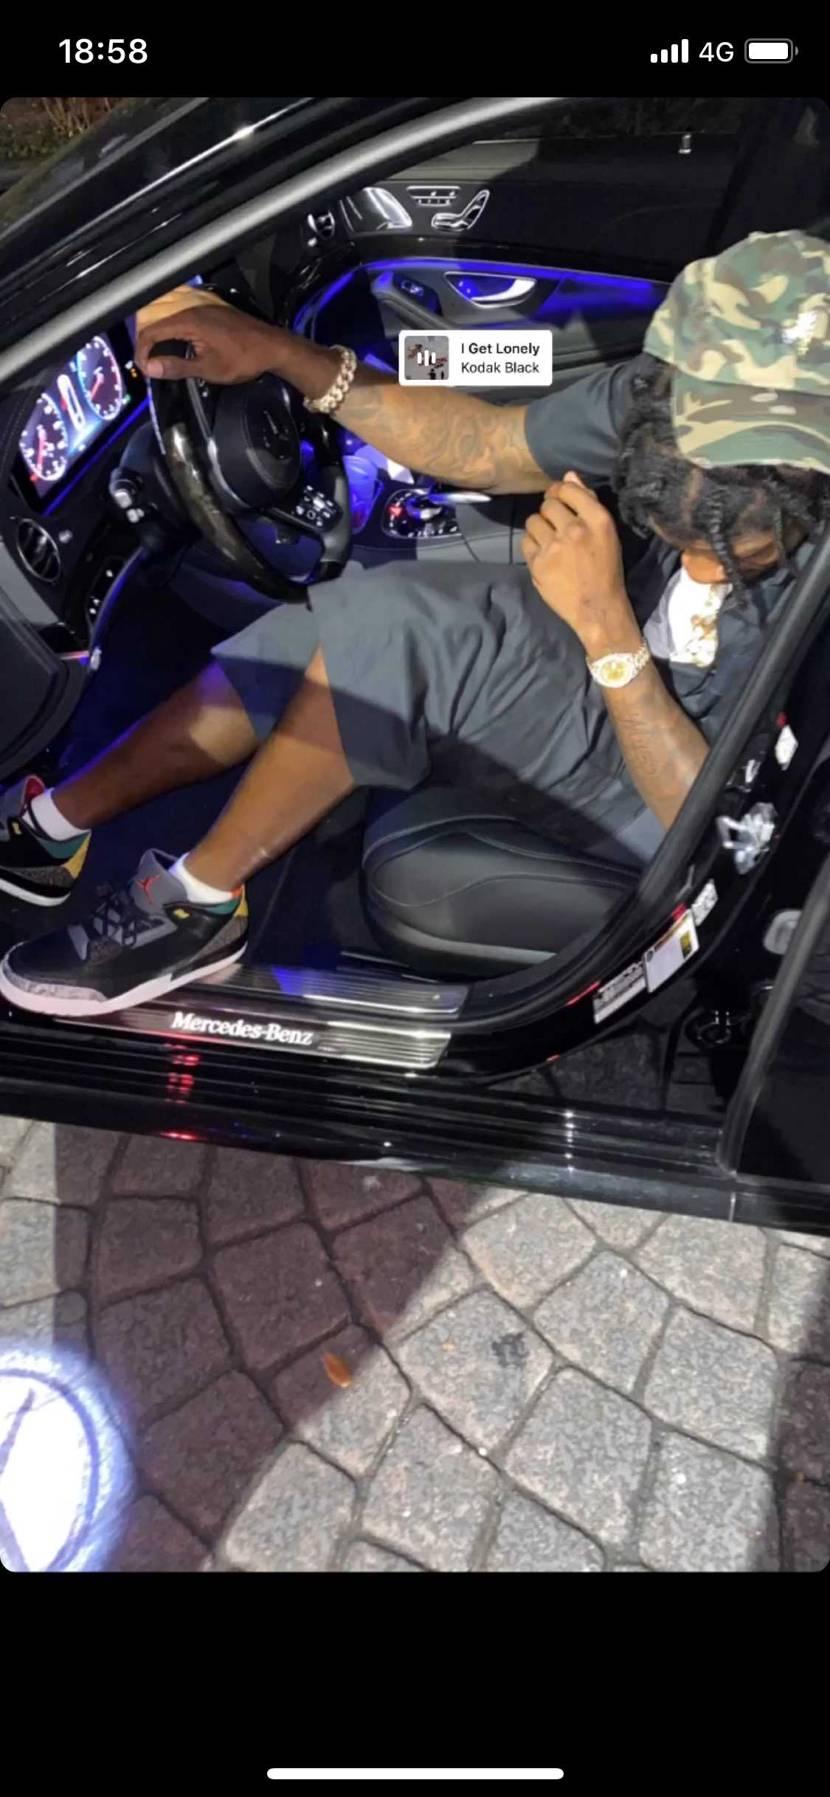 Lamar Jacksonがアニマル履いてる!!NFL詳しい人いるかわからないけ